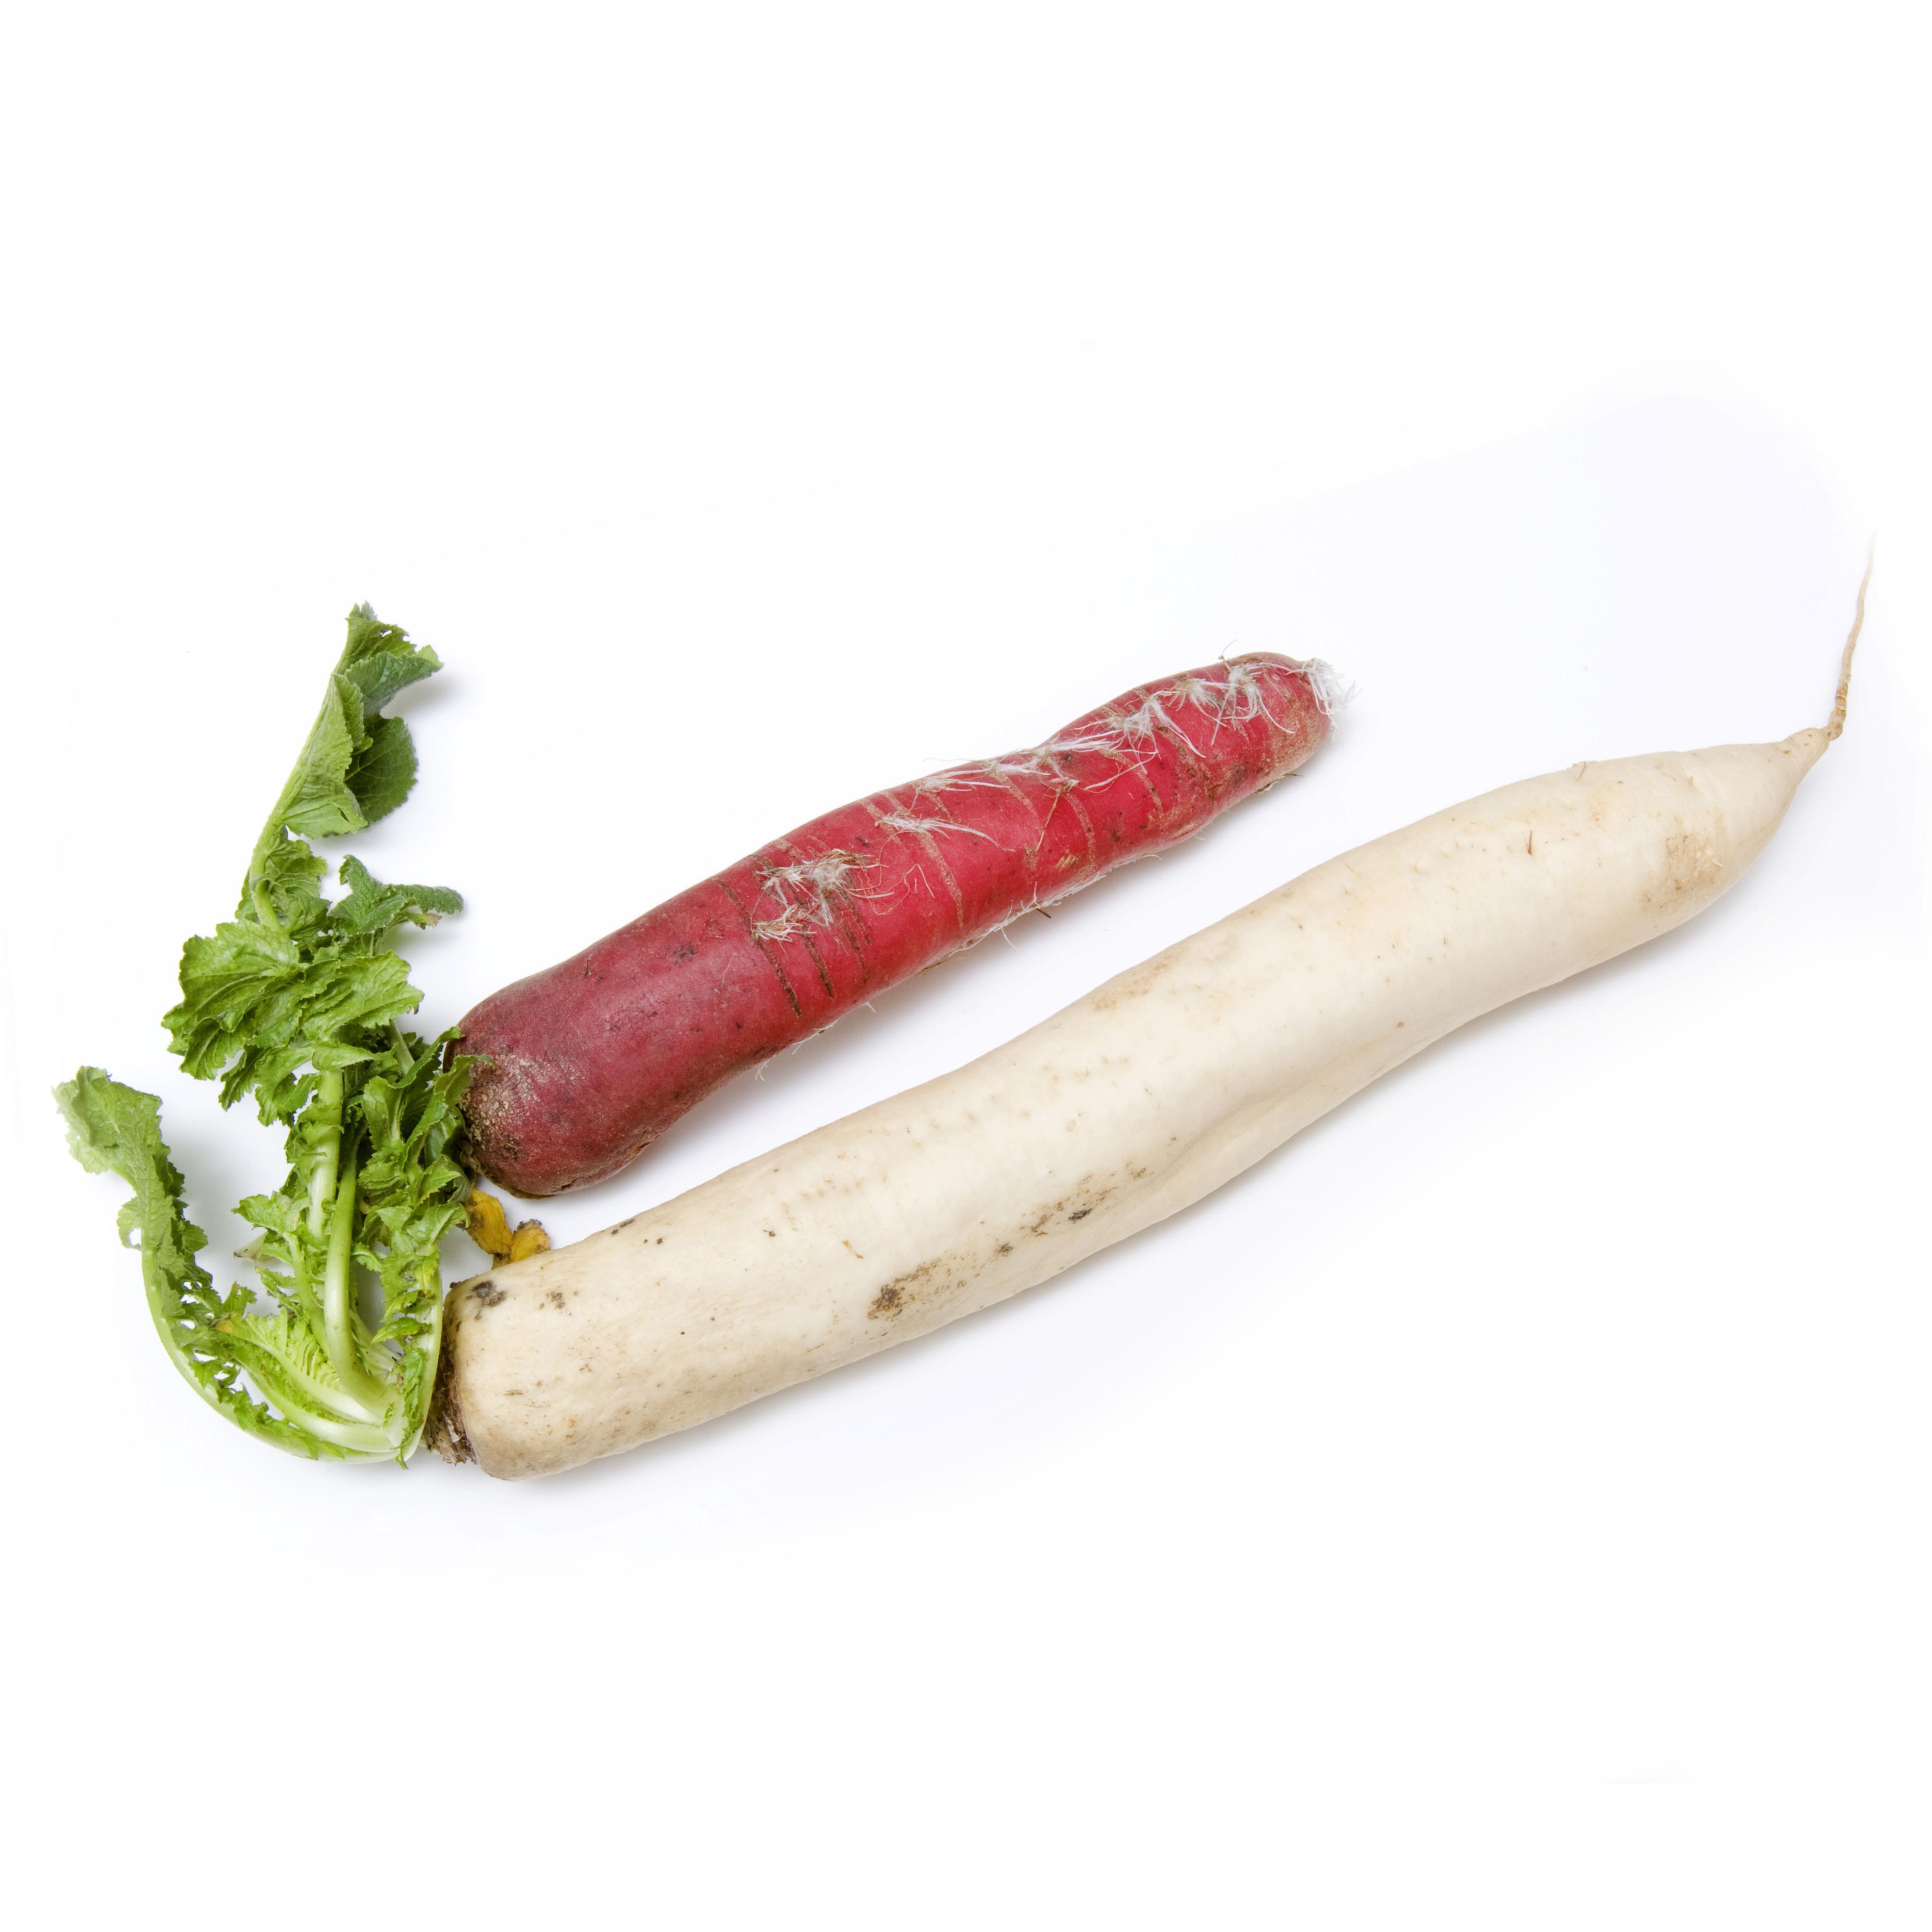 Mooli (White Radish)